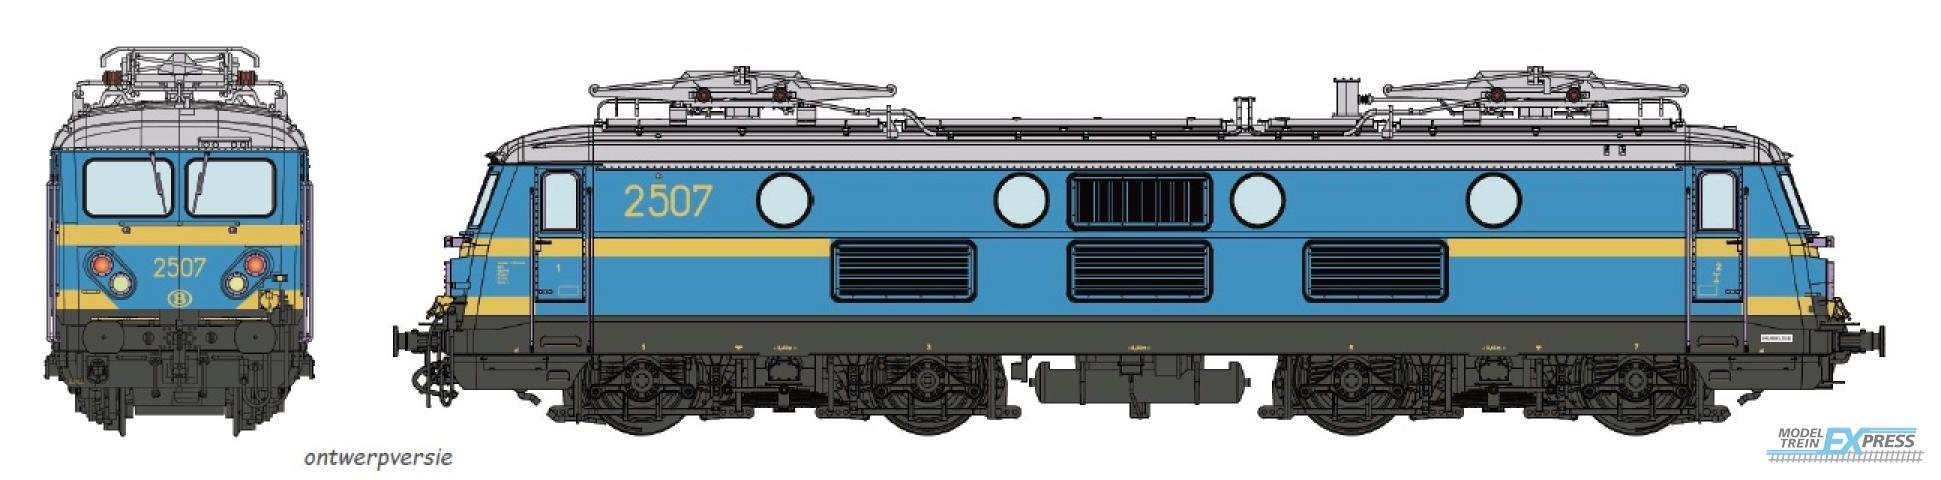 B-Models 3205.02